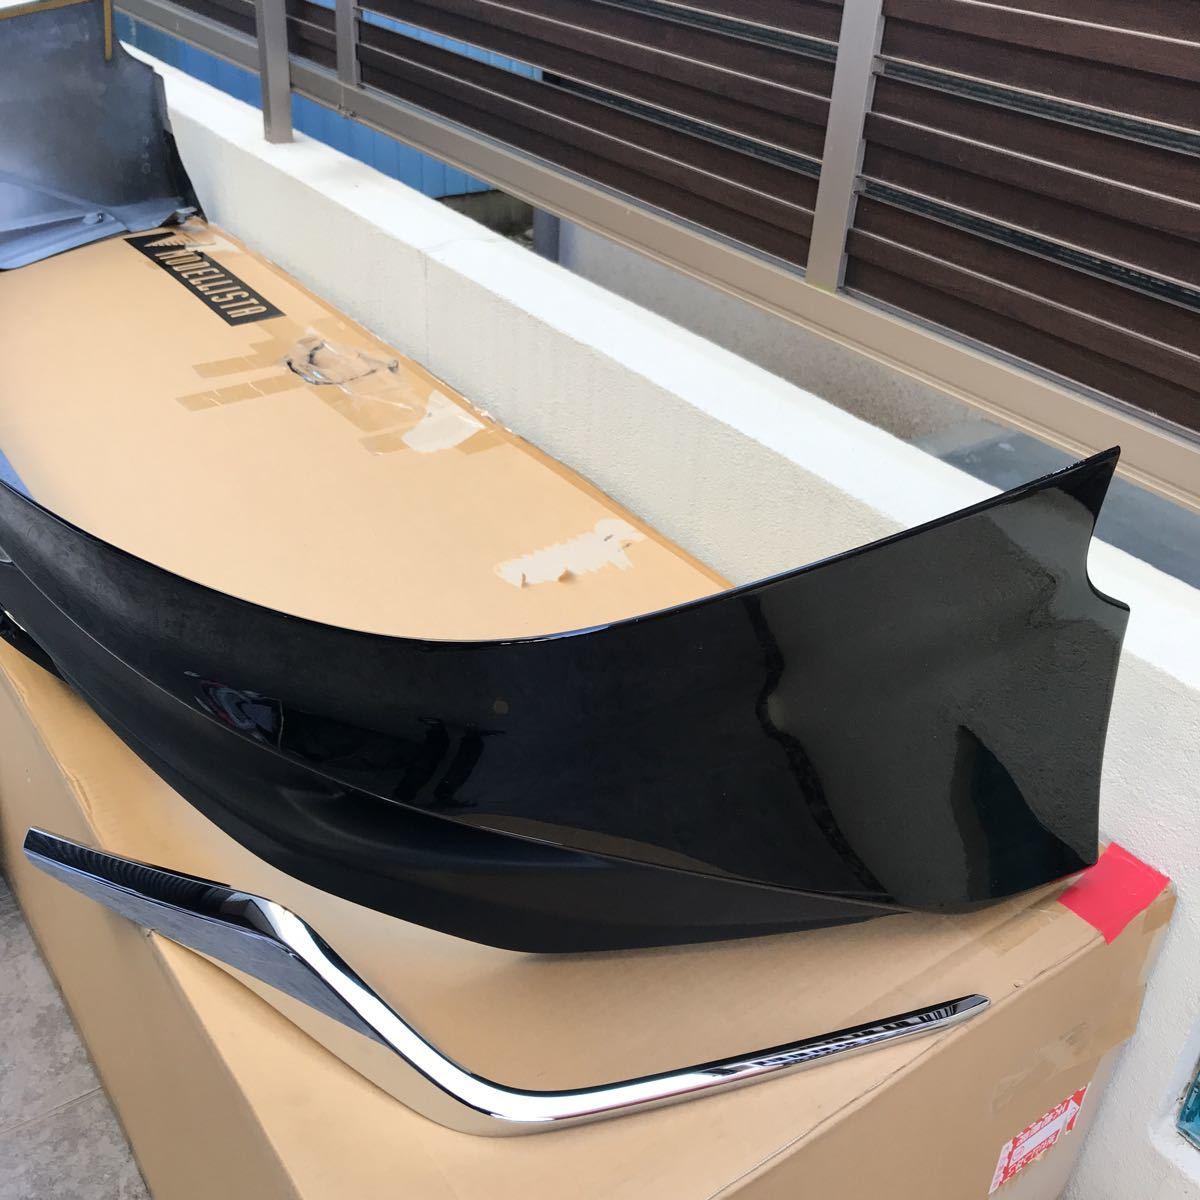 新品未使用品 レクサス RX300 450h AGL20W AGL25W GYL20W GYL25W 後期 黒 ブラック モデリスタ リアバンパースポイラー_画像4